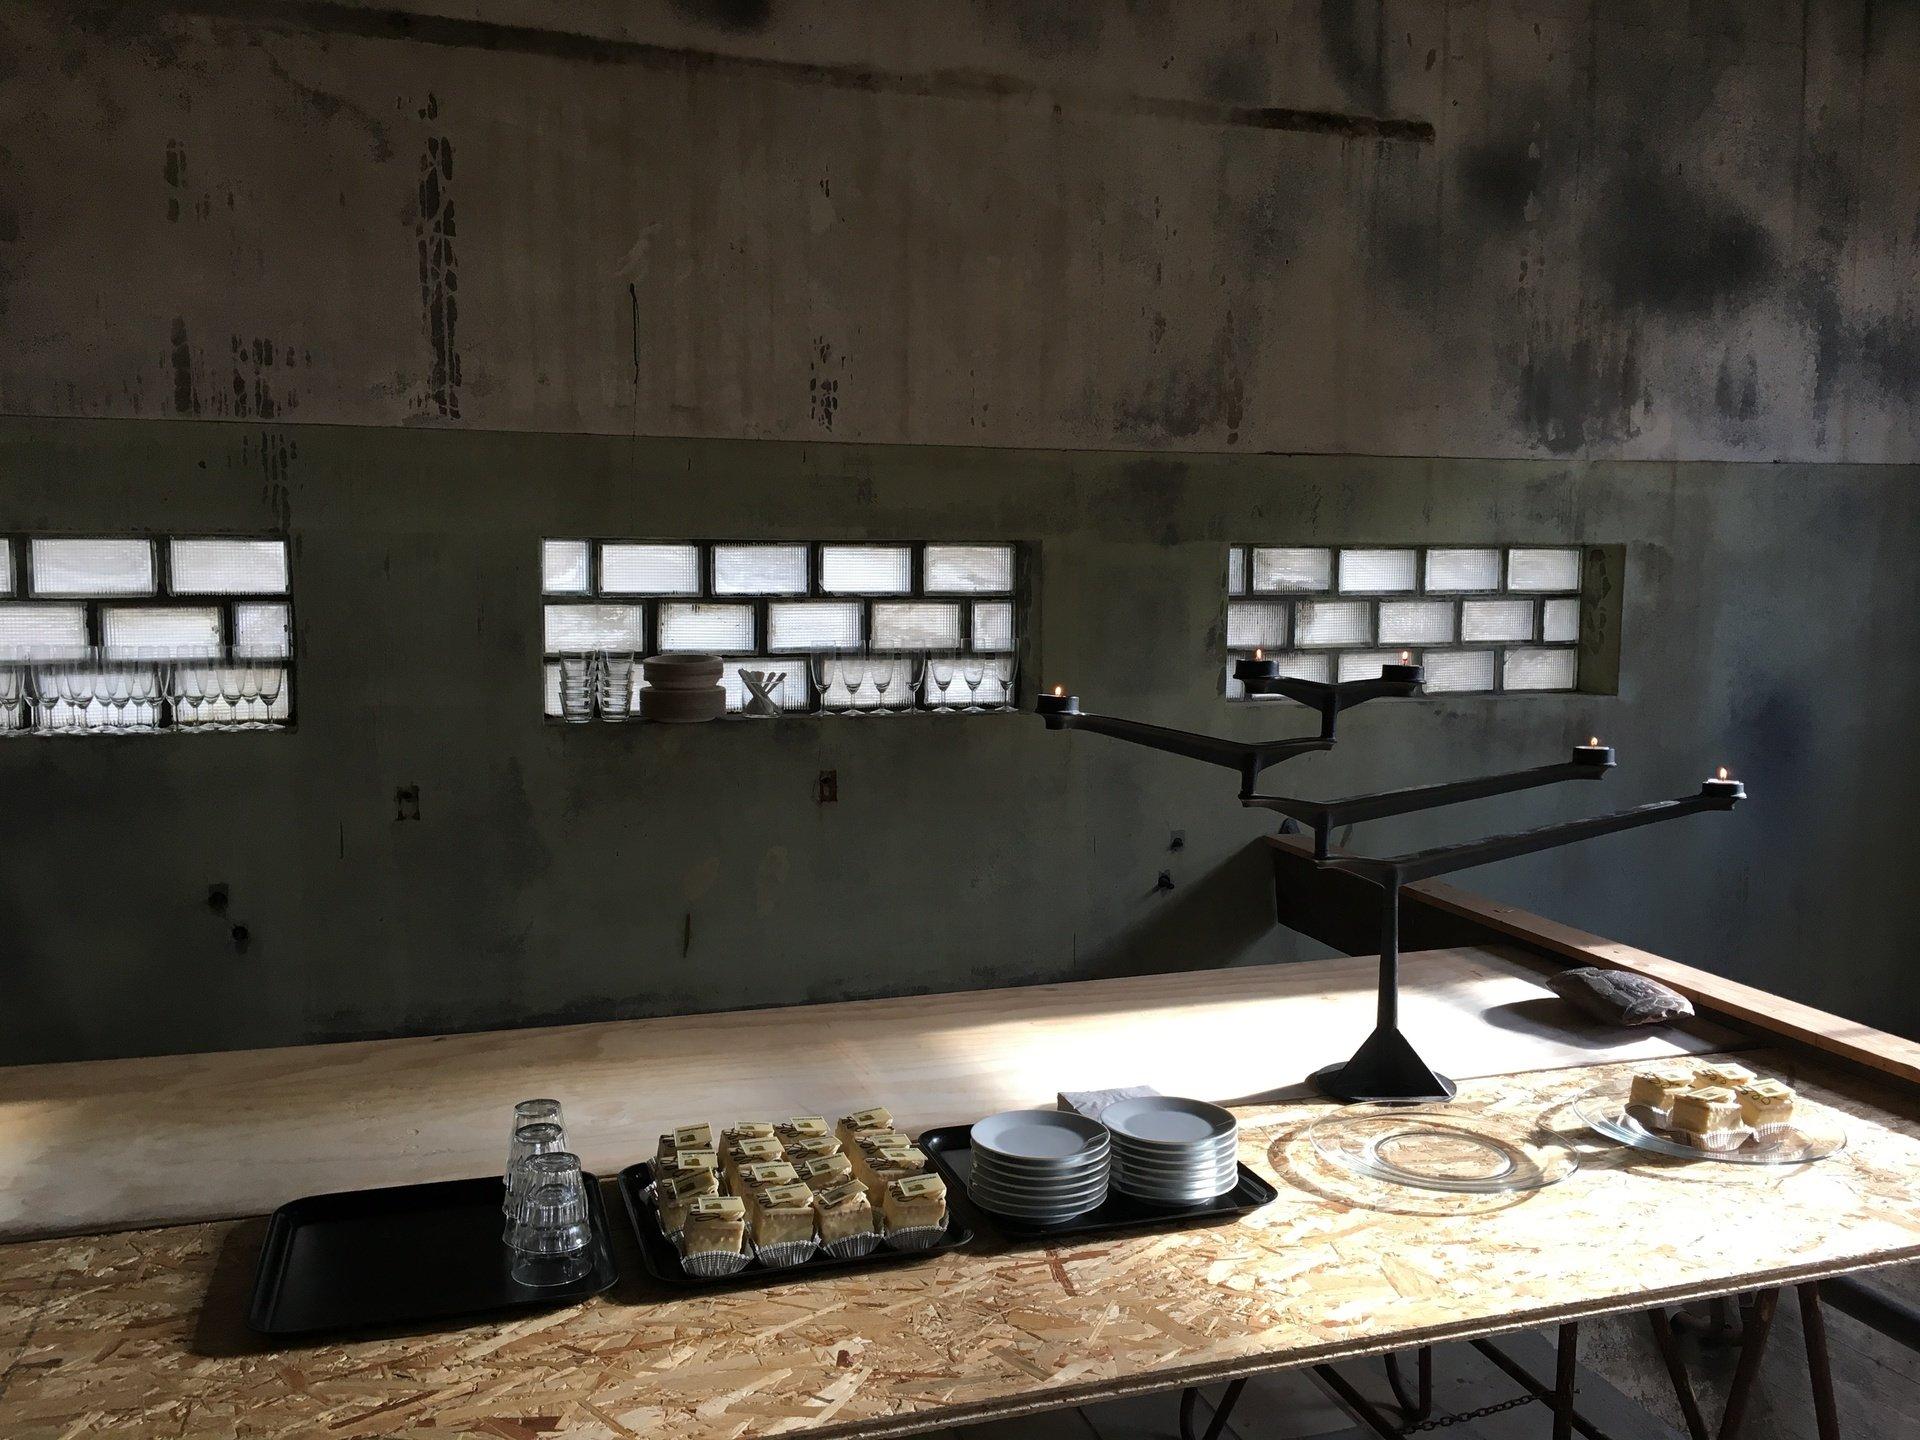 Amsterdam workshop spaces Industrial space GUNPOWDERSTUDIO image 1